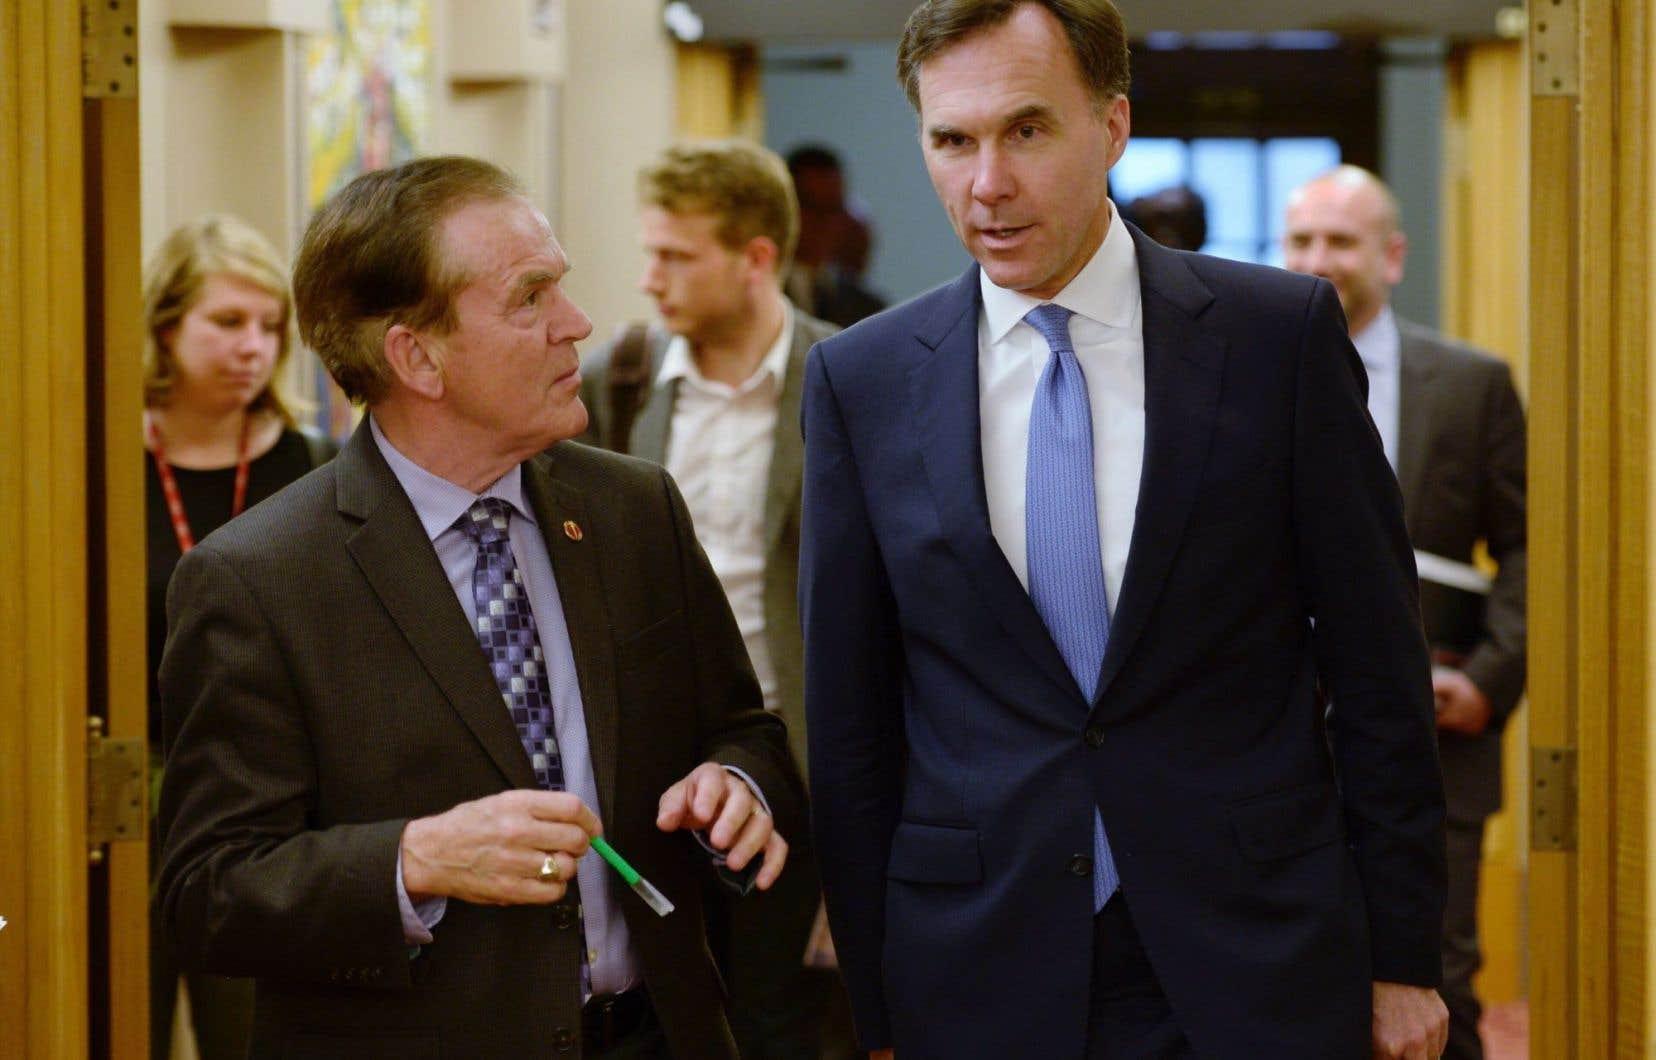 Le ministre des Finances, Bill Morneau (à droite), a indiqué qu'il n'accepterait pas que son budget soit scindé ainsi.